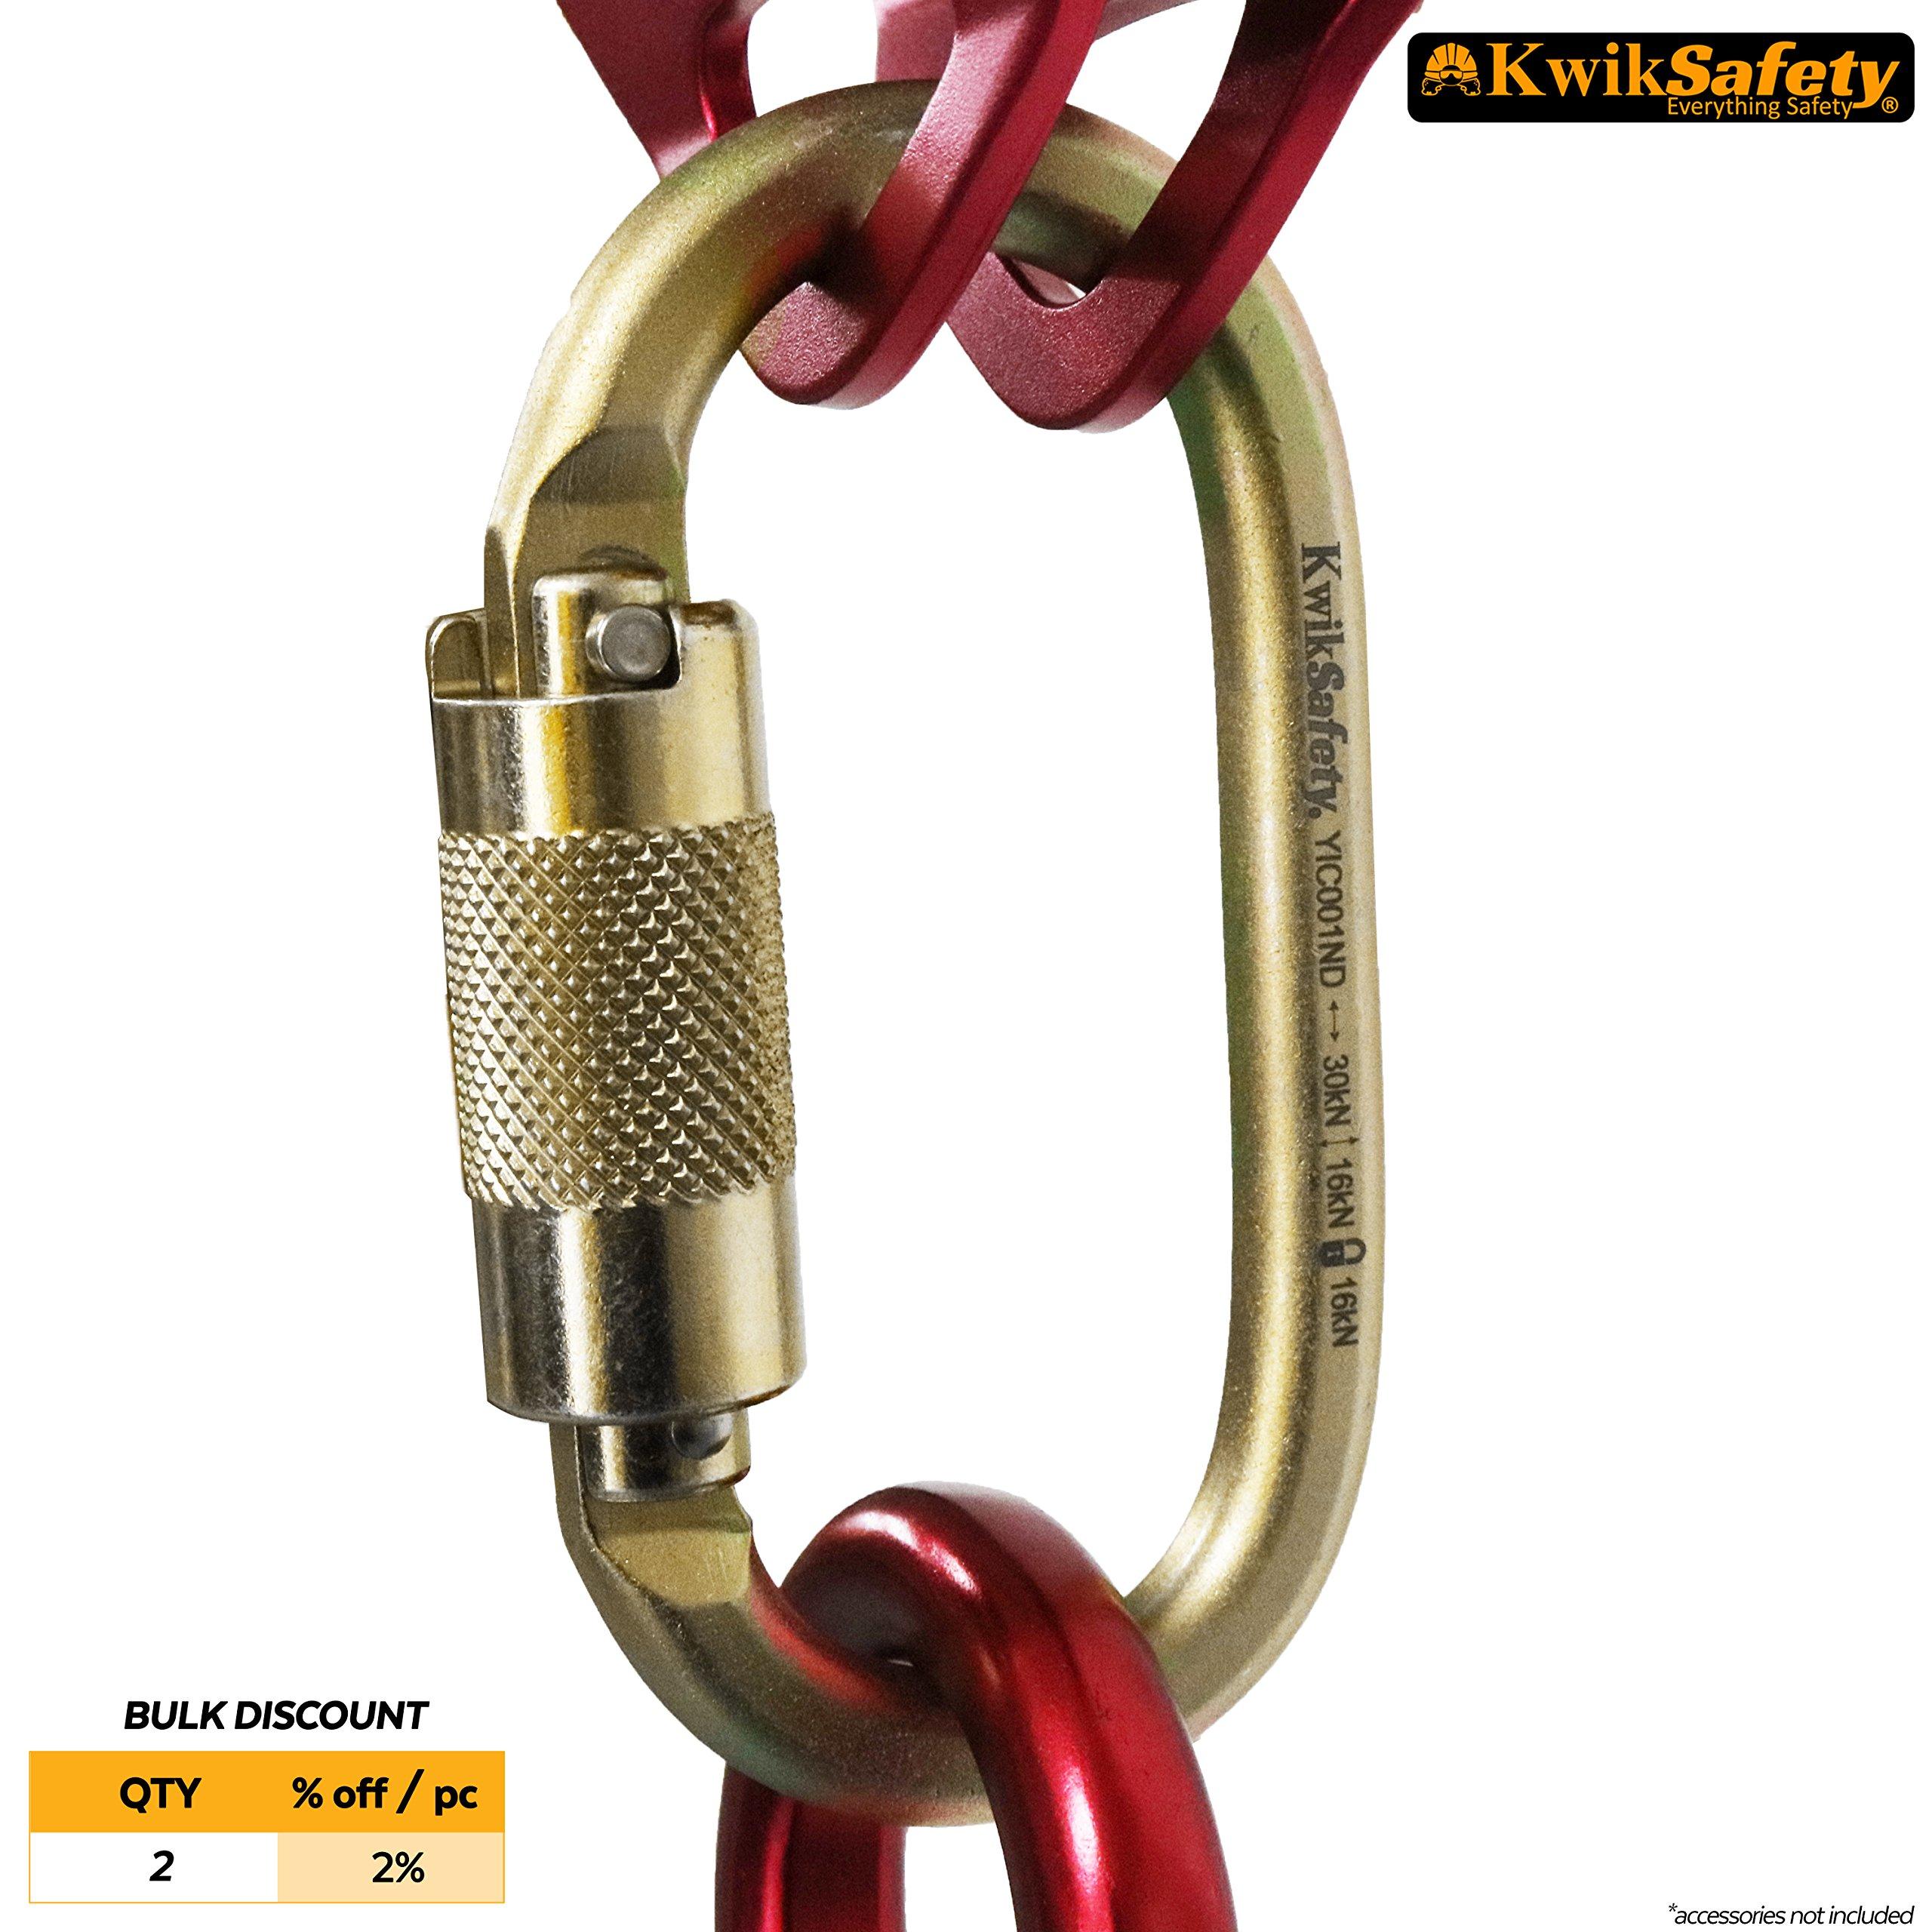 KwikSafety ANNEX | KS-N-244G Steel Carabiner | Heavy Duty Yoke Twist Lock Gate | 30 kN Min. Breaking Load 16 kN Gate Strength | ANSI Certified | Multifunctional Construction Fall Protection Tool by KwikSafety